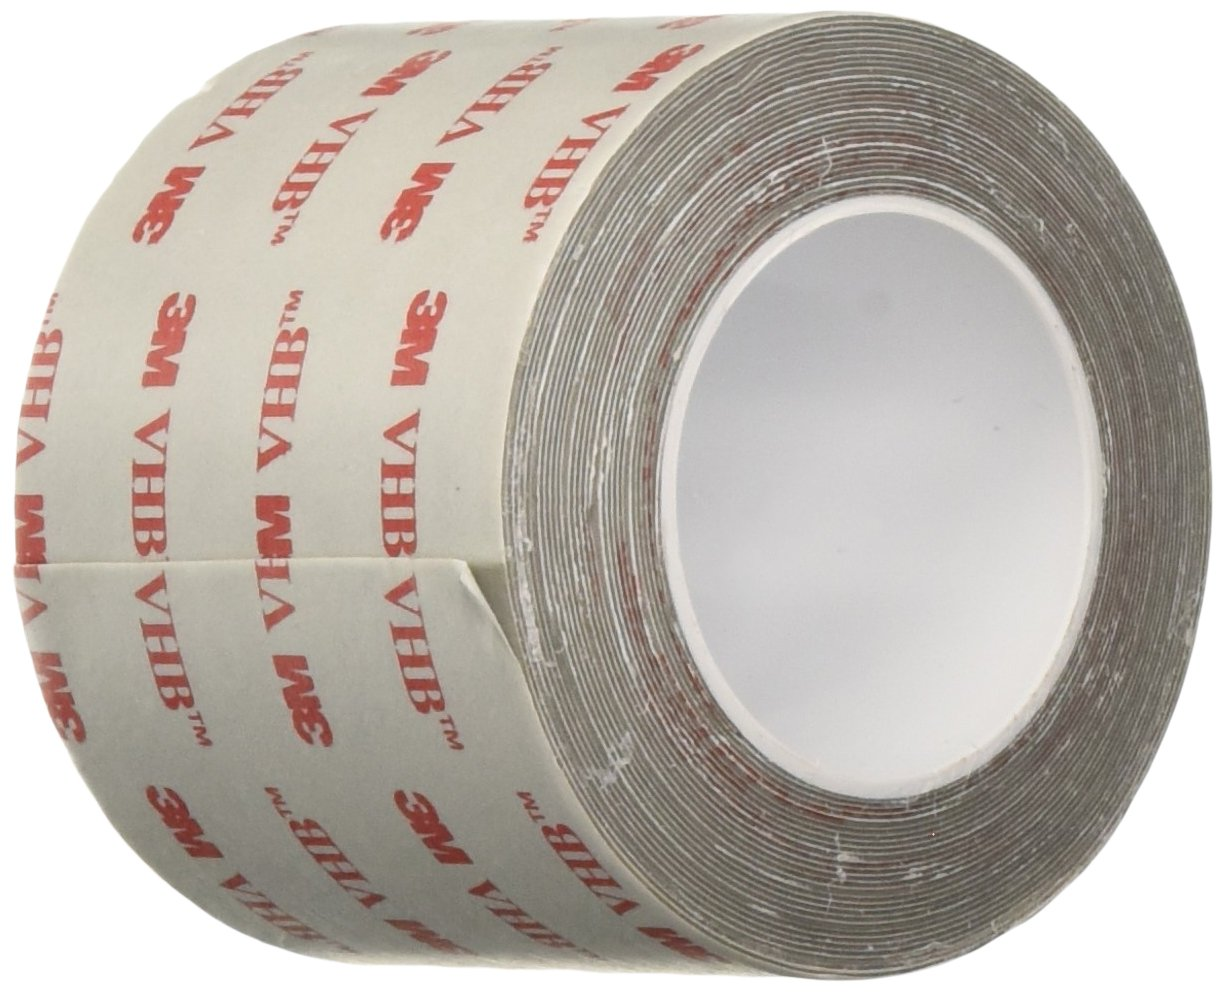 3M VHB Tape 4926, 4 in Width x 5 yd Length (1 Roll)